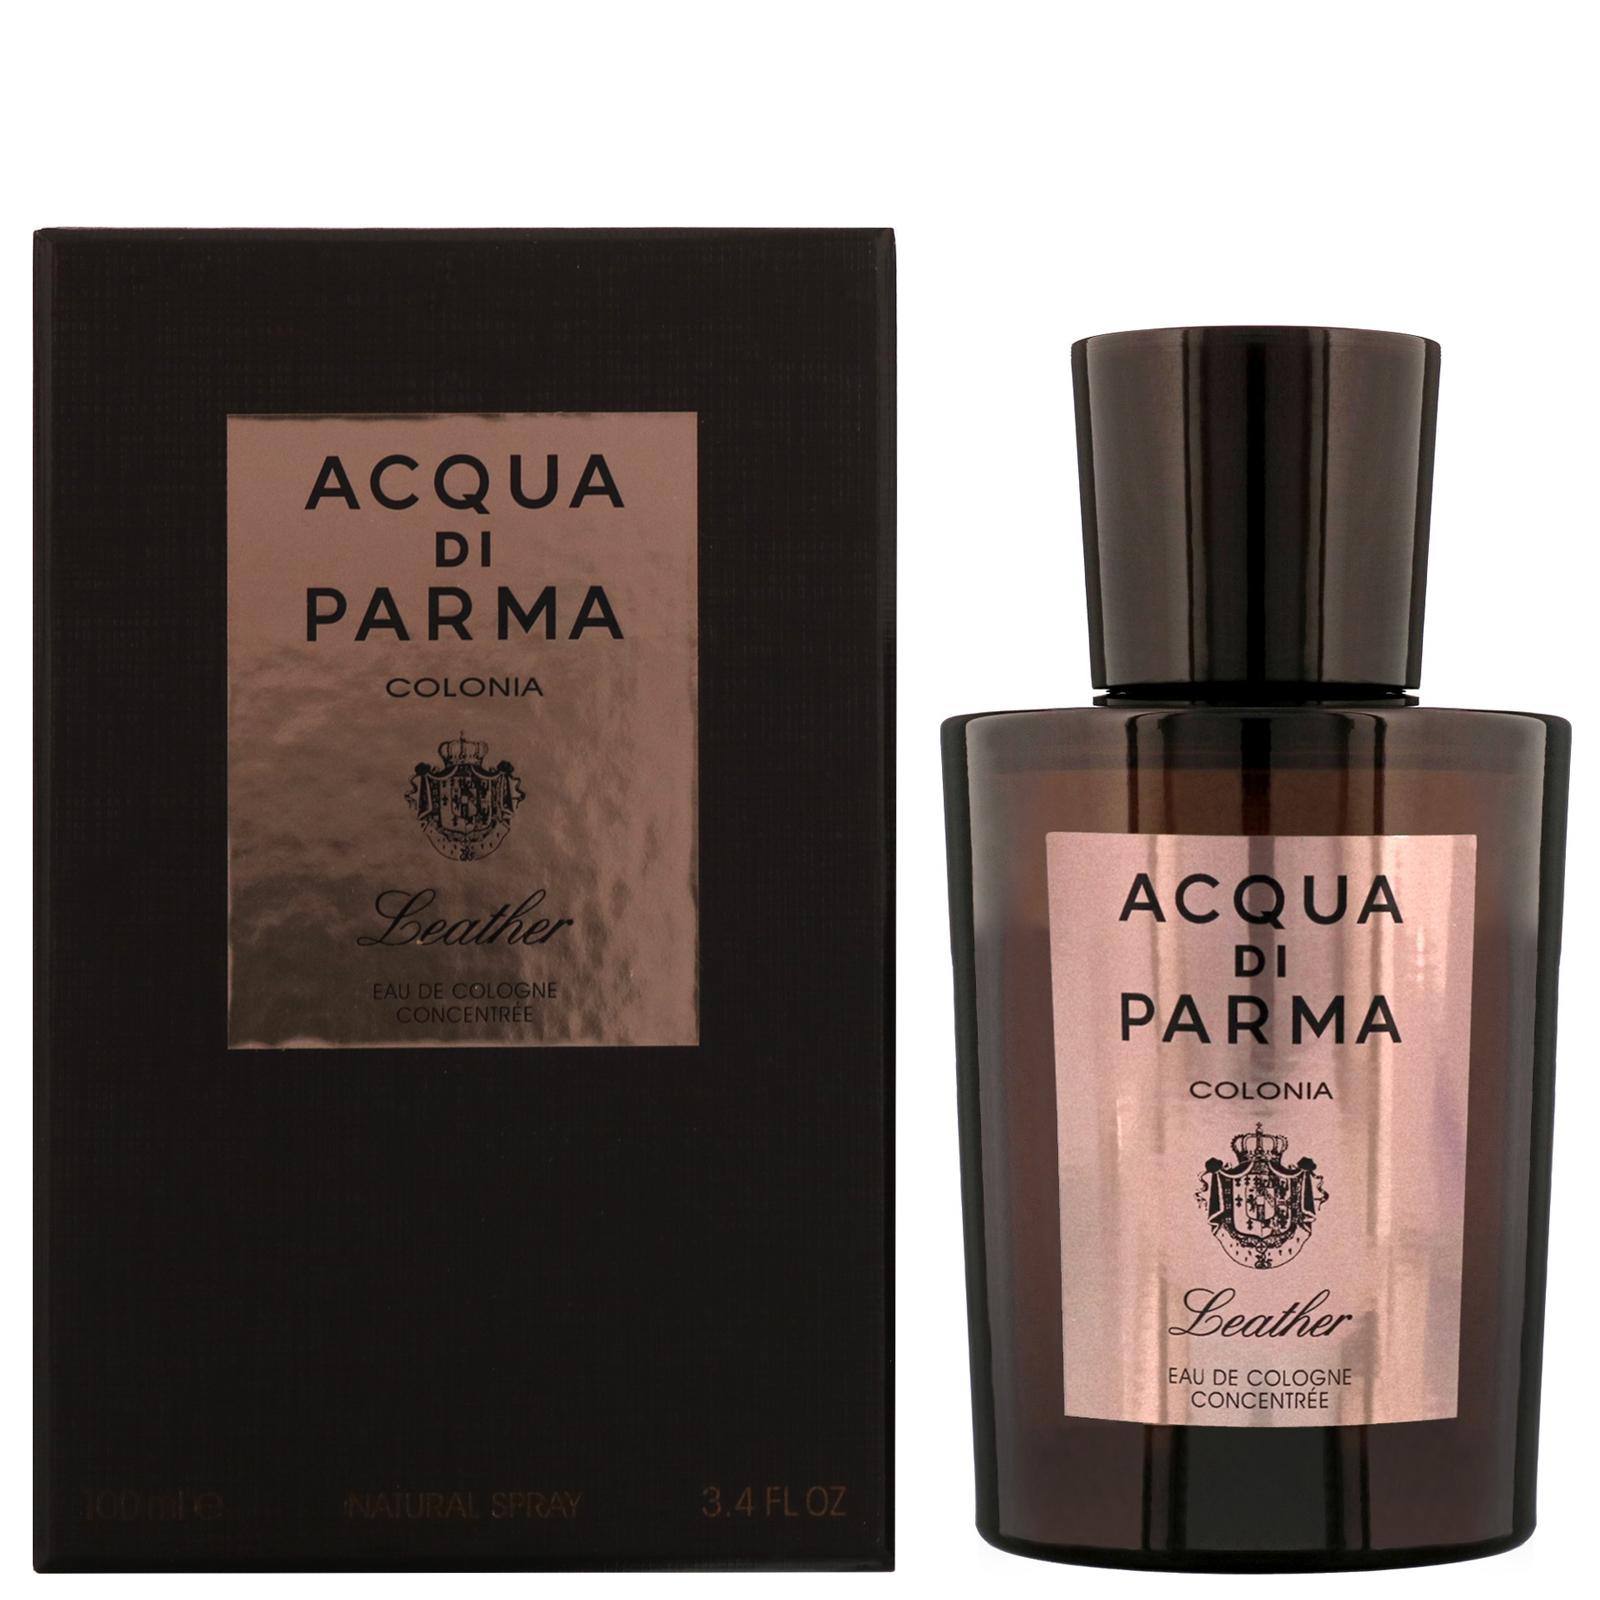 Acqua Di Parma Colonia Leather Eau de Cologne Concentree Natural Spray 100ml - £89.95 delivered @ All Beauty